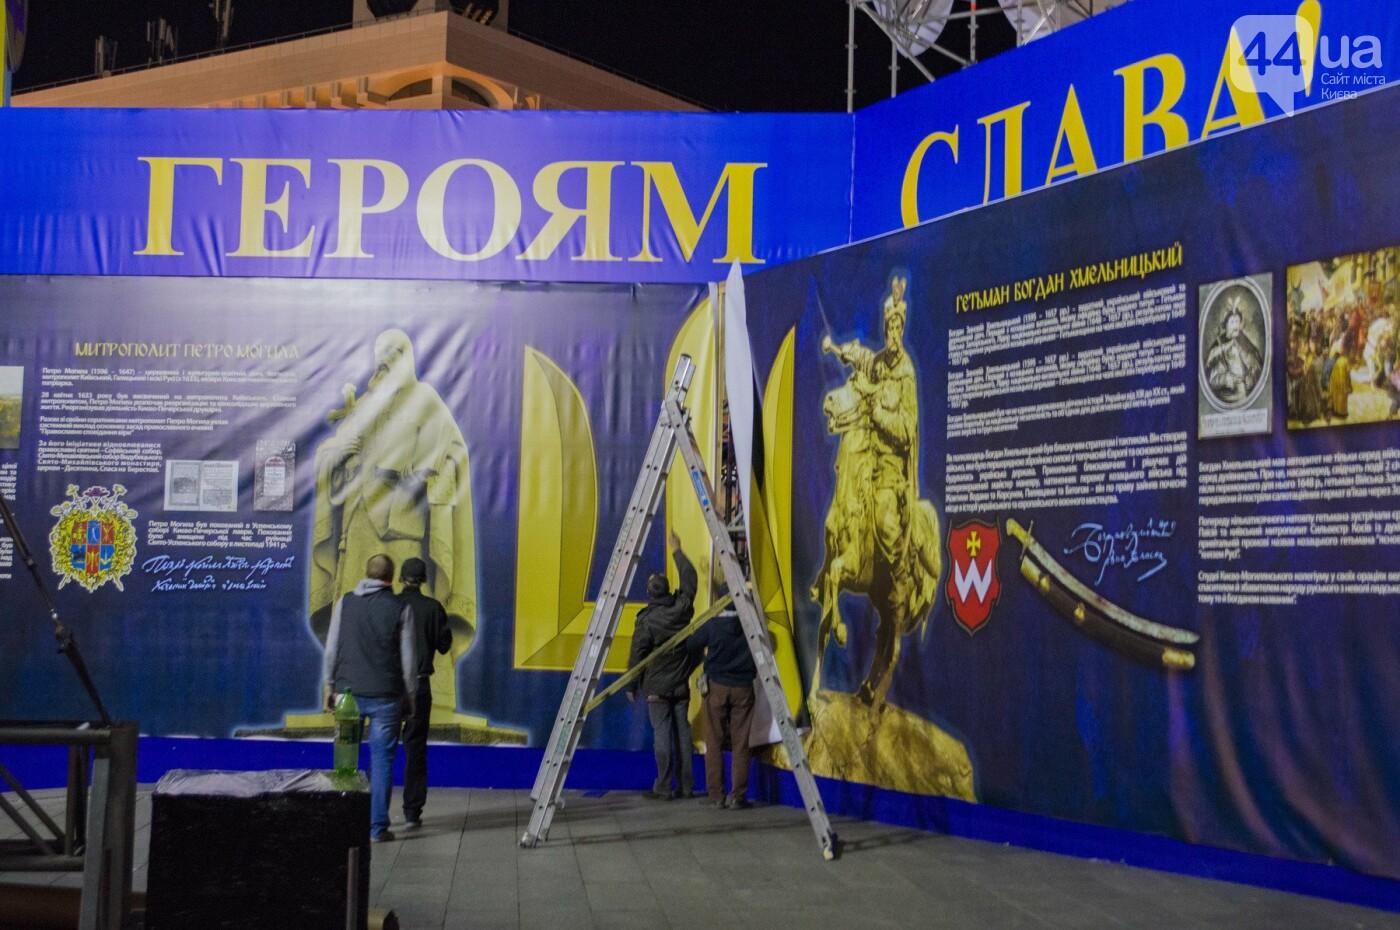 На Майдане появился 10-метровый трезубец: Киев готовится ко Дню защитника Украины, фото-4